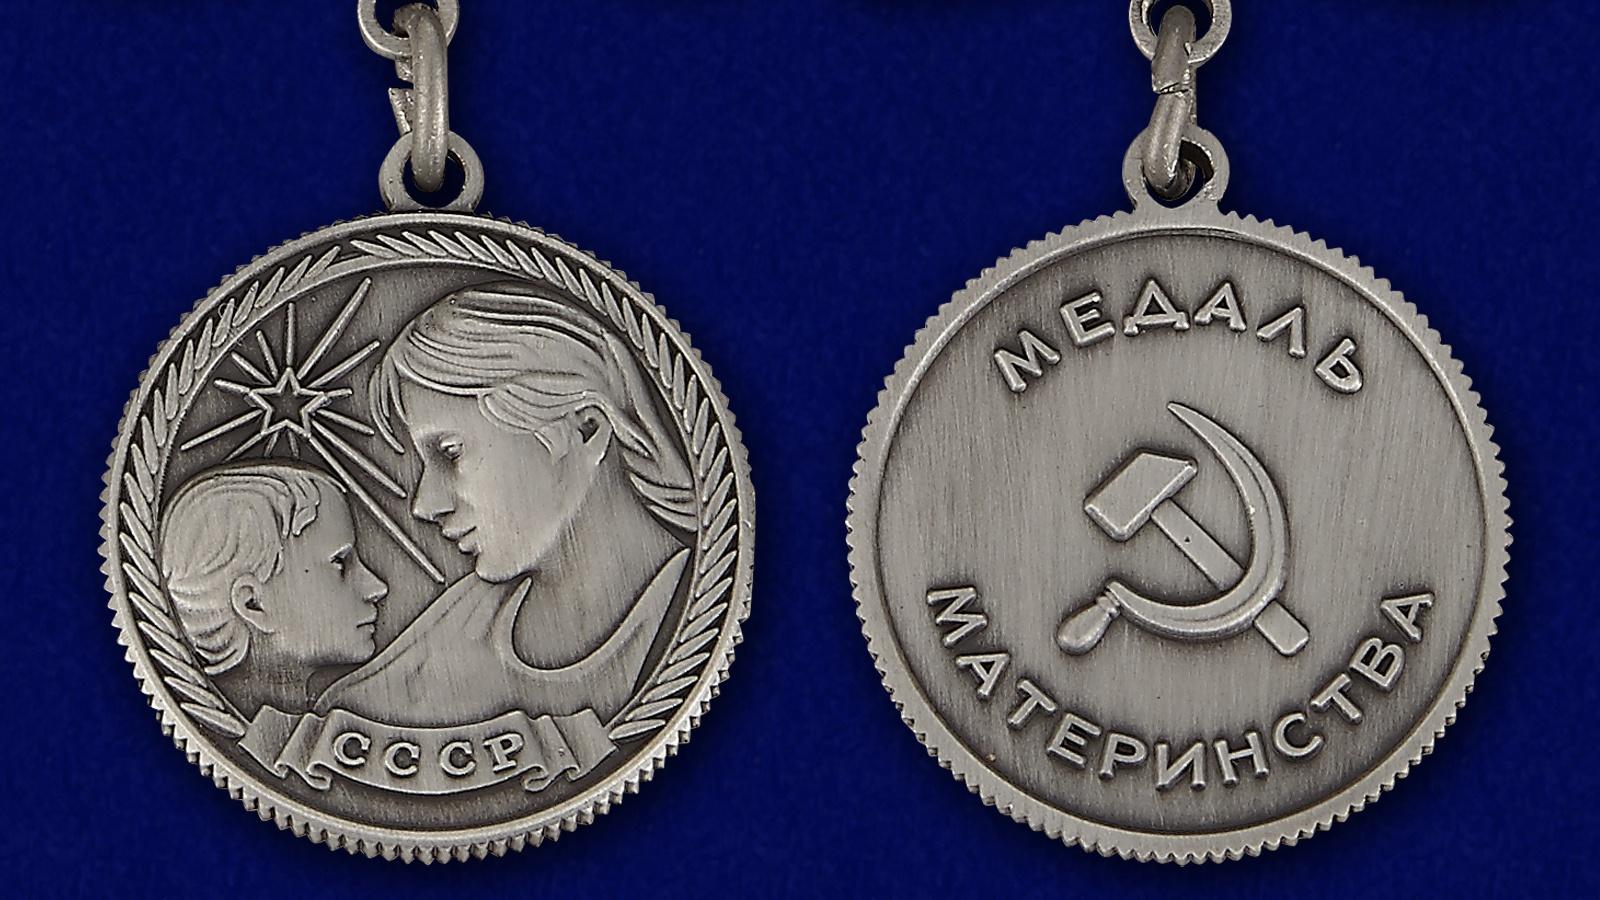 Медаль Материнства СССР 1 степени (муляж) - аверс и реверс